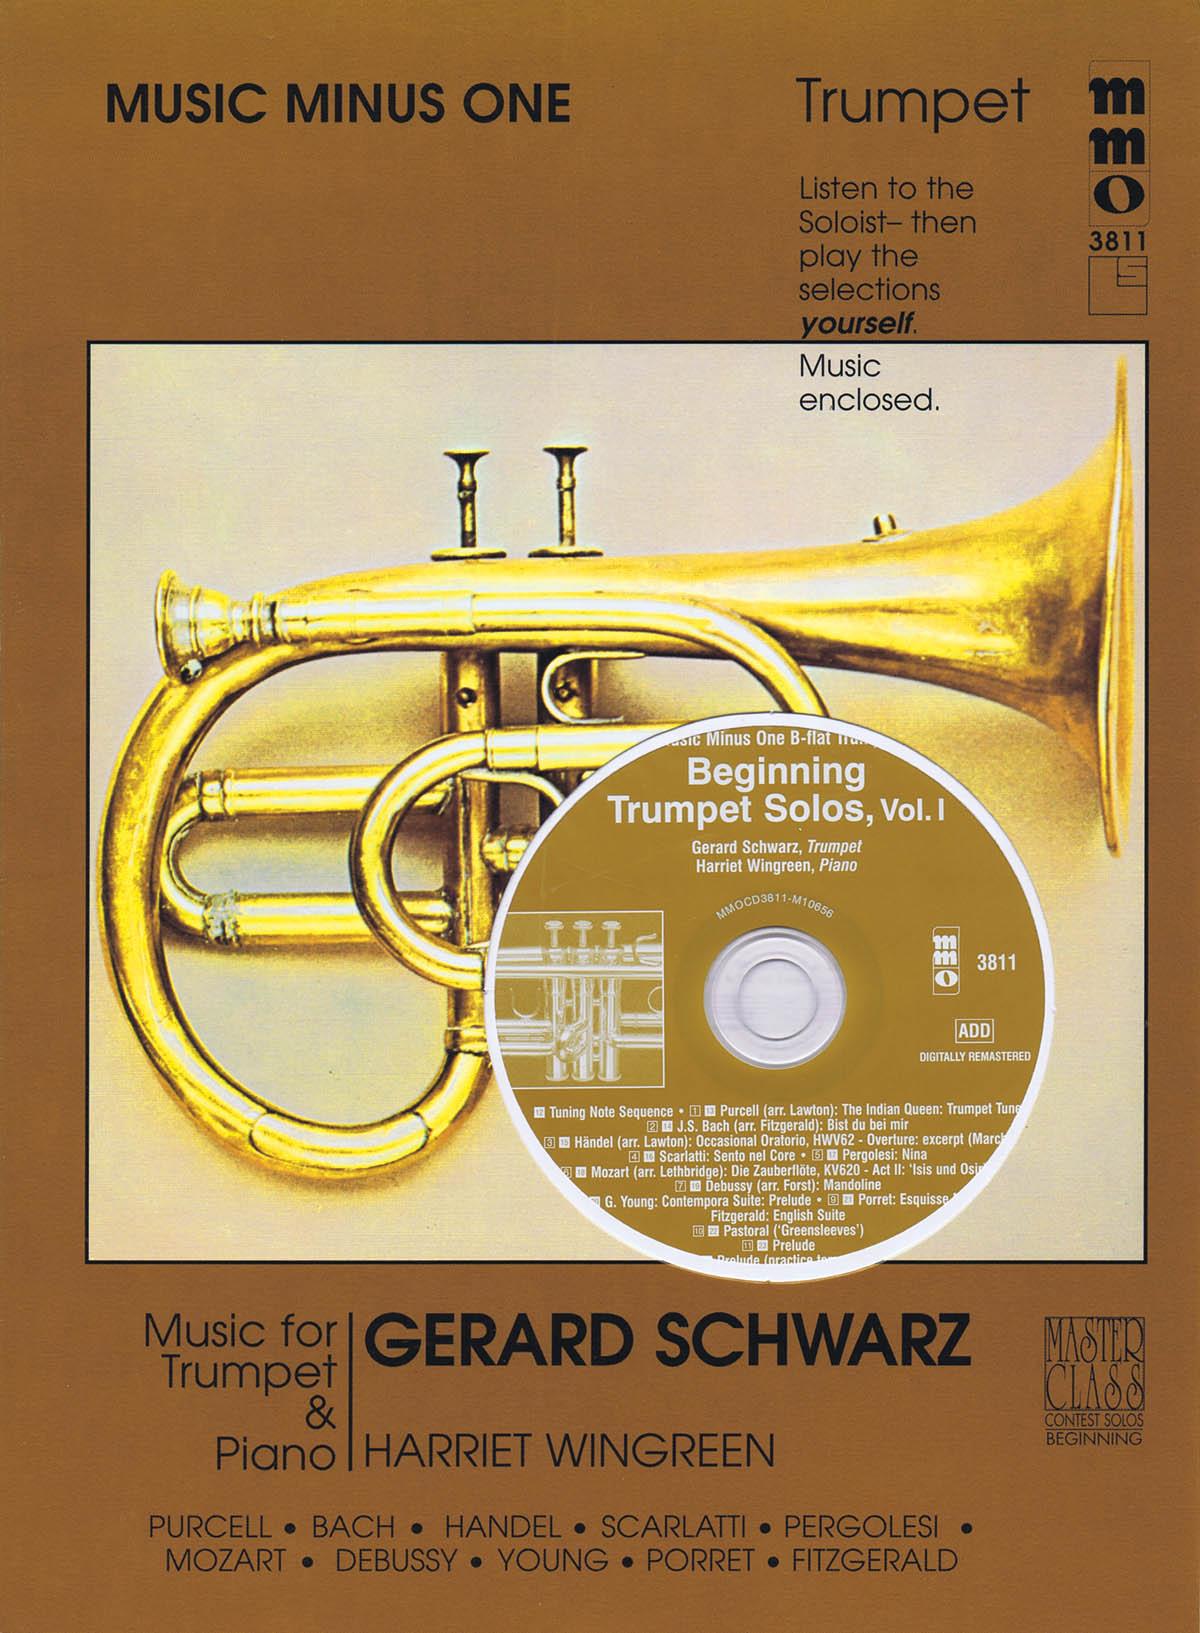 Gerard Schwarz: Beginning Trumpet Solos - Vol. 1: Trumpet Solo: Instrumental